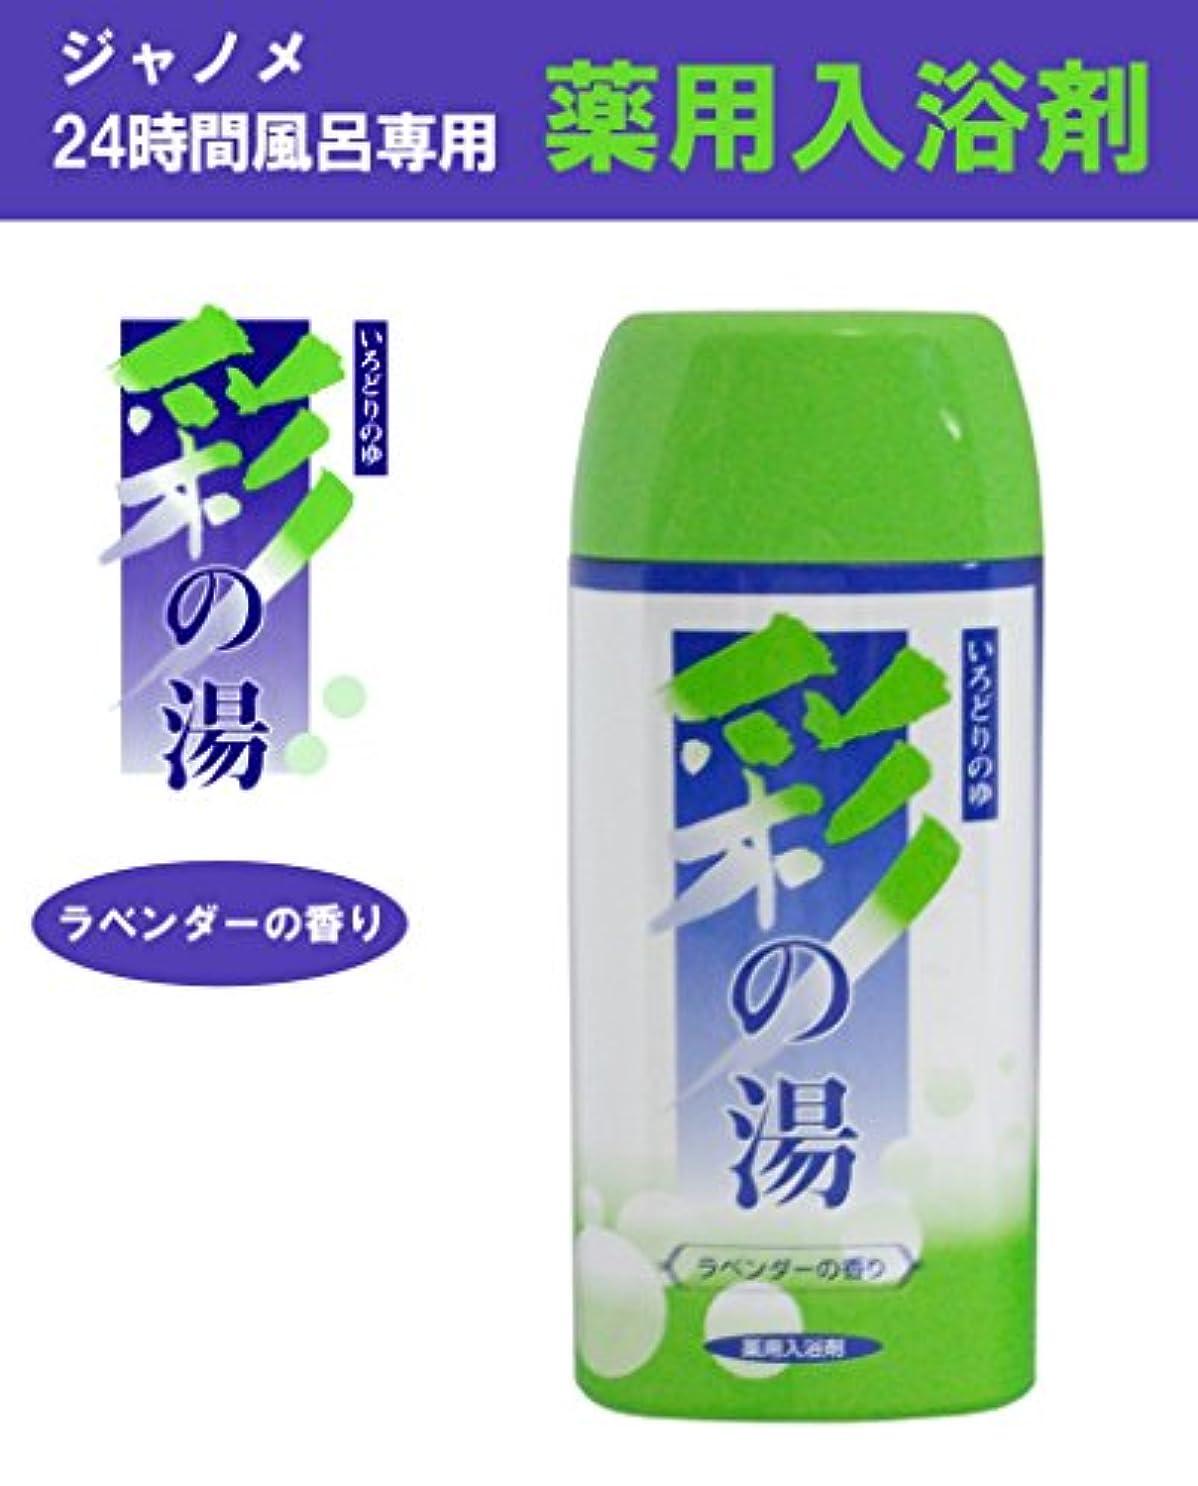 修正十一公ジャノメ 彩の湯 (24時間風呂専用 薬用入浴剤 ラベンダーの香り )